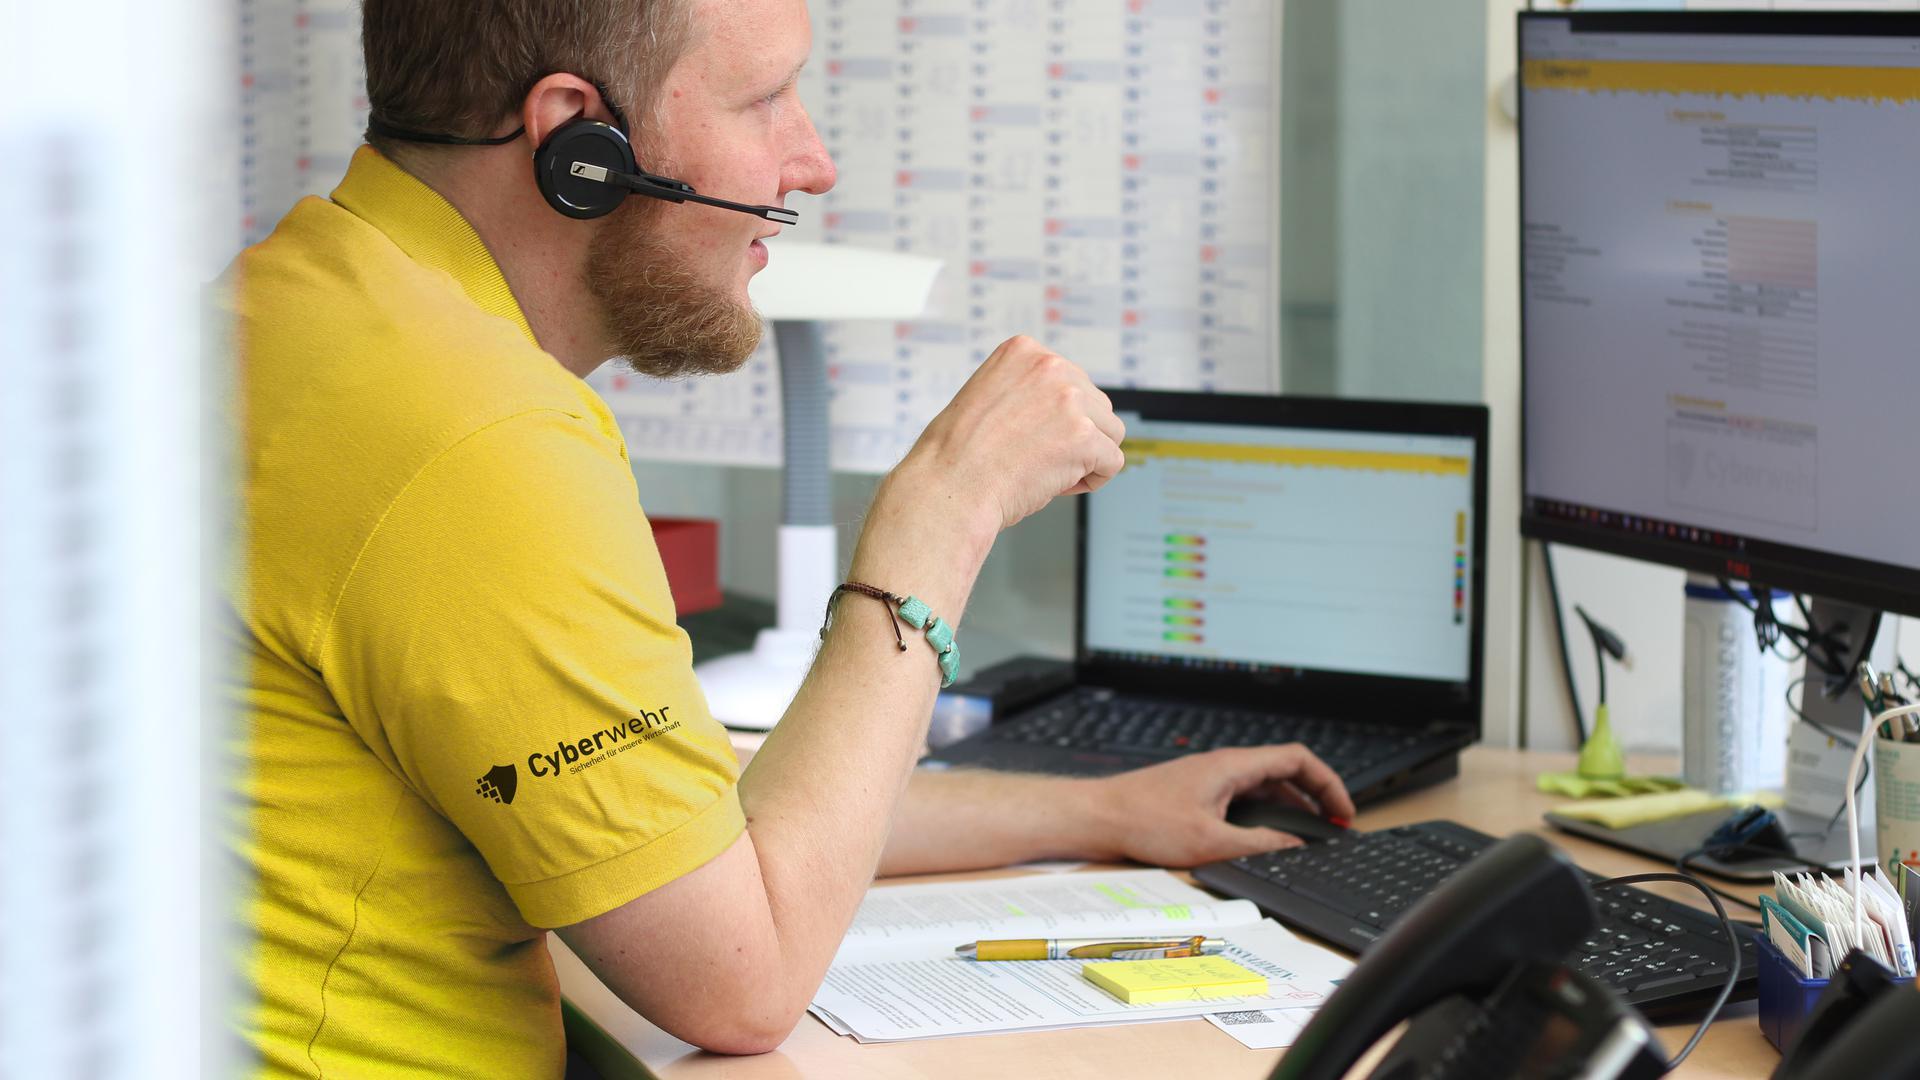 Ein großes Netz von Helfern: Nach zwei Jahren Pilotbetrieb in der Region bietet die Karlsruher Cyberwehr ihren Service nun landesweit an, um auch woanders Unternehmen im Kampf gegen digitale Kriminalität zu helfen.